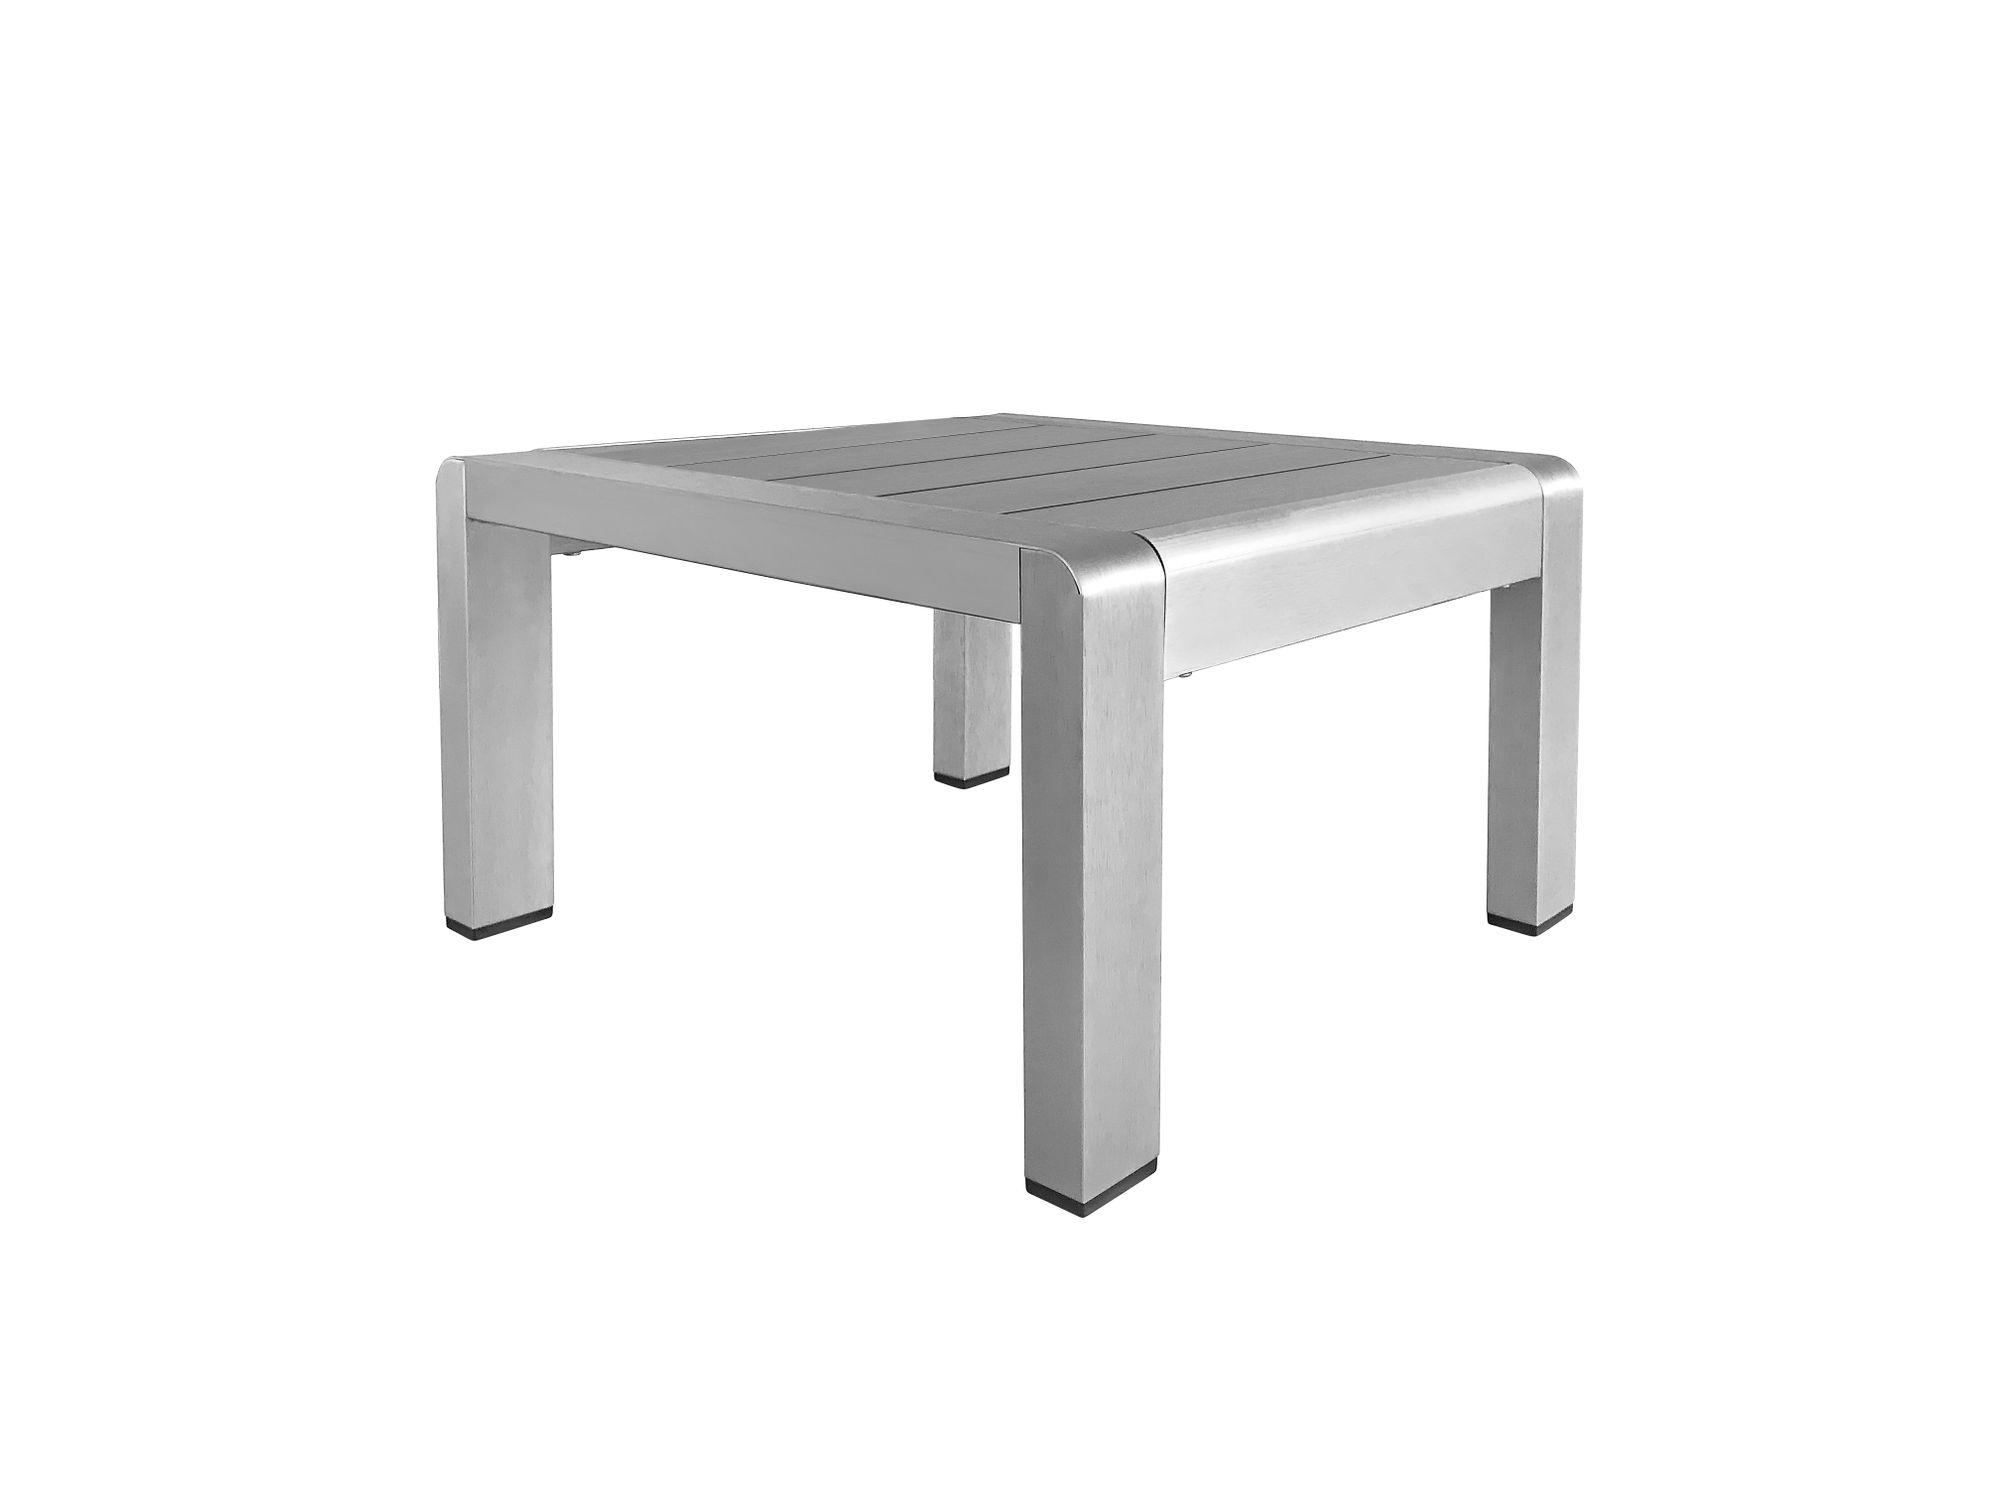 Beistelltisch rattan couchtisch teetisch polyrattan tisch for Beistelltisch l form